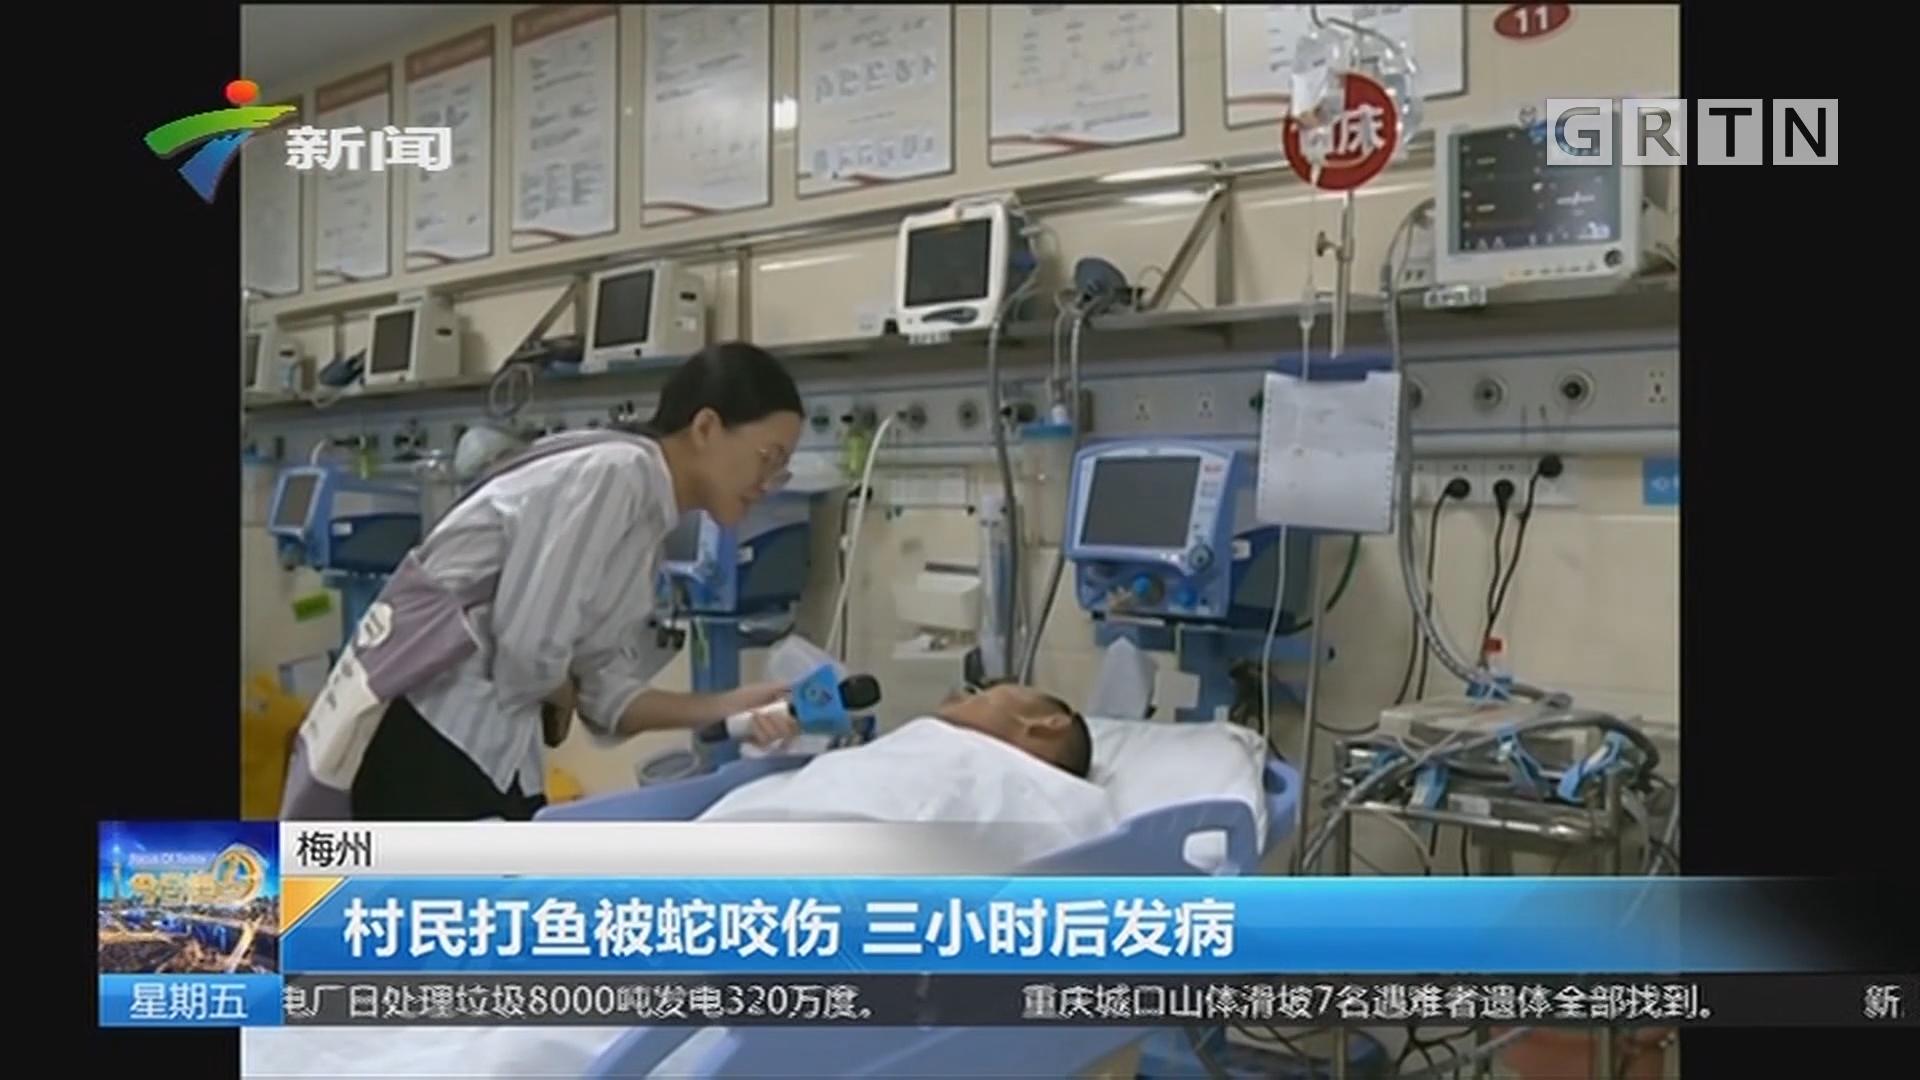 梅州:村民打鱼被蛇咬伤 三小时后发病